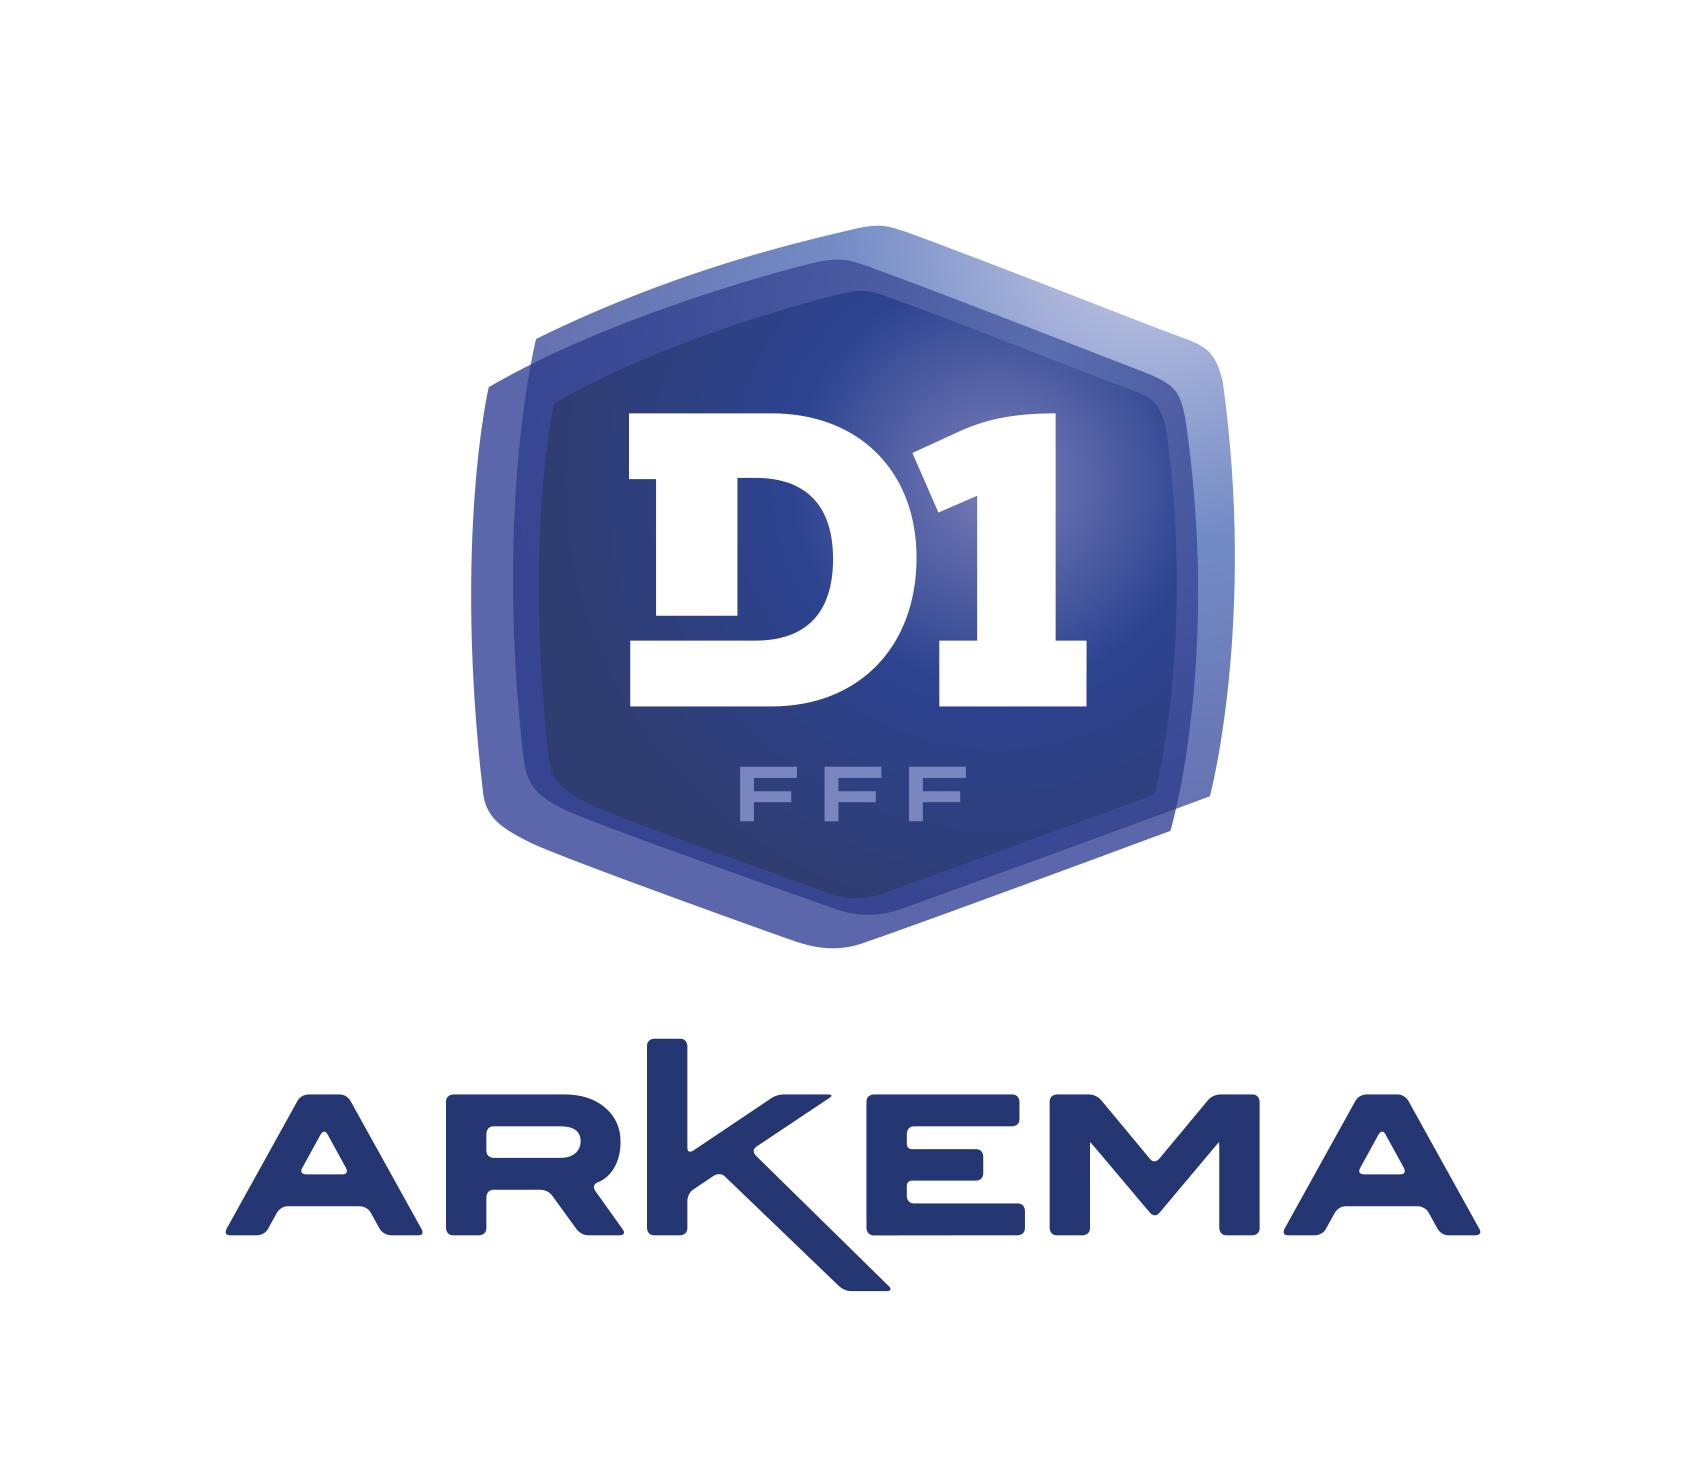 #D1Arkema - Le championnat débutera le 5 septembre